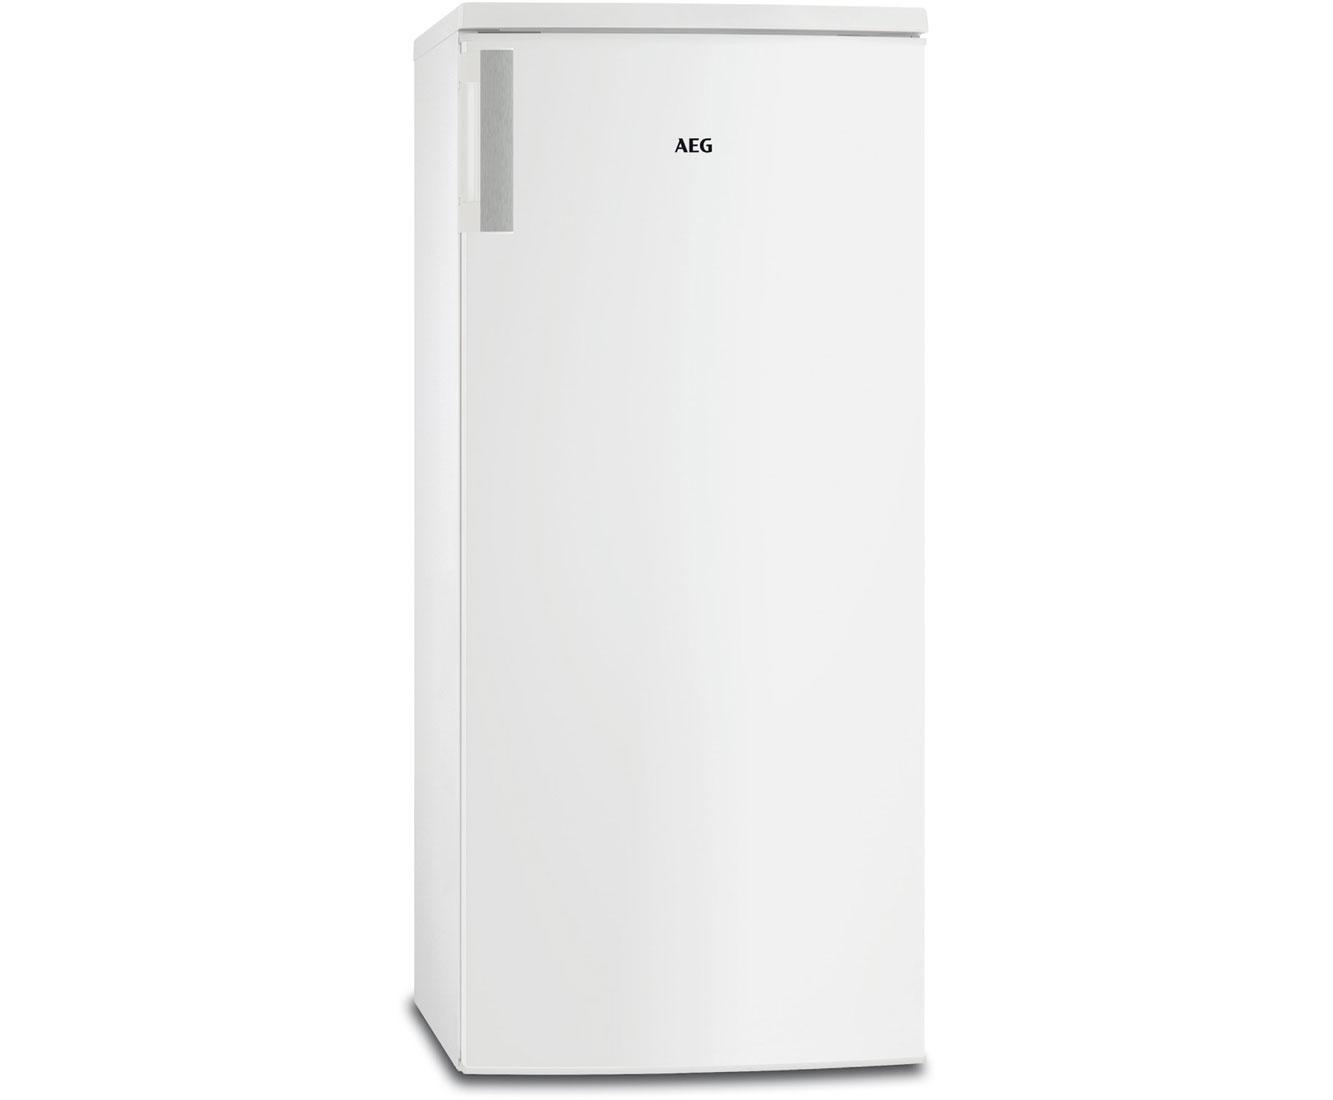 Aeg Kühlschränke Ohne Gefrierfach : Aeg einbaukühlschränke ohne gefrierfach aeg kühlschrank ske zf